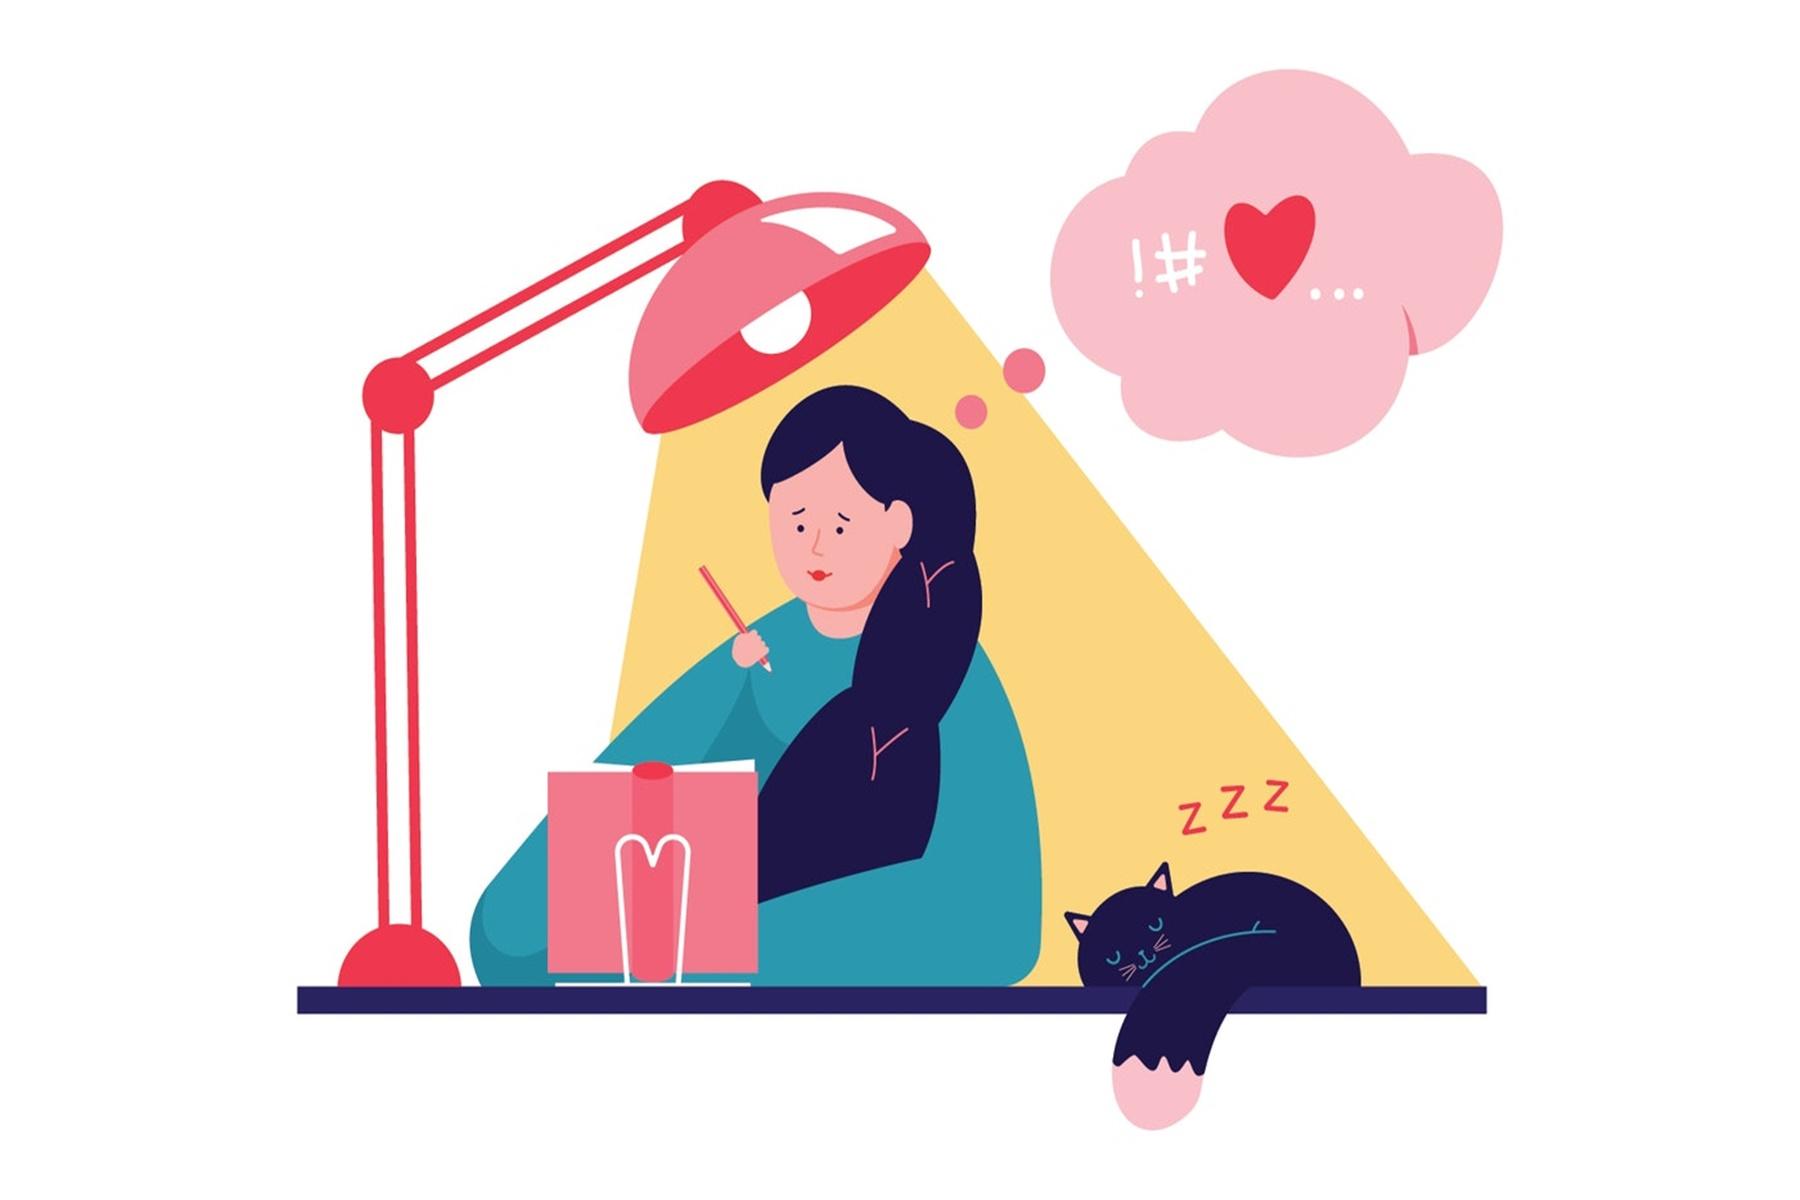 Αυτοφροντίδα : Συμβουλές για να αγαπήσετε το σώμα σας